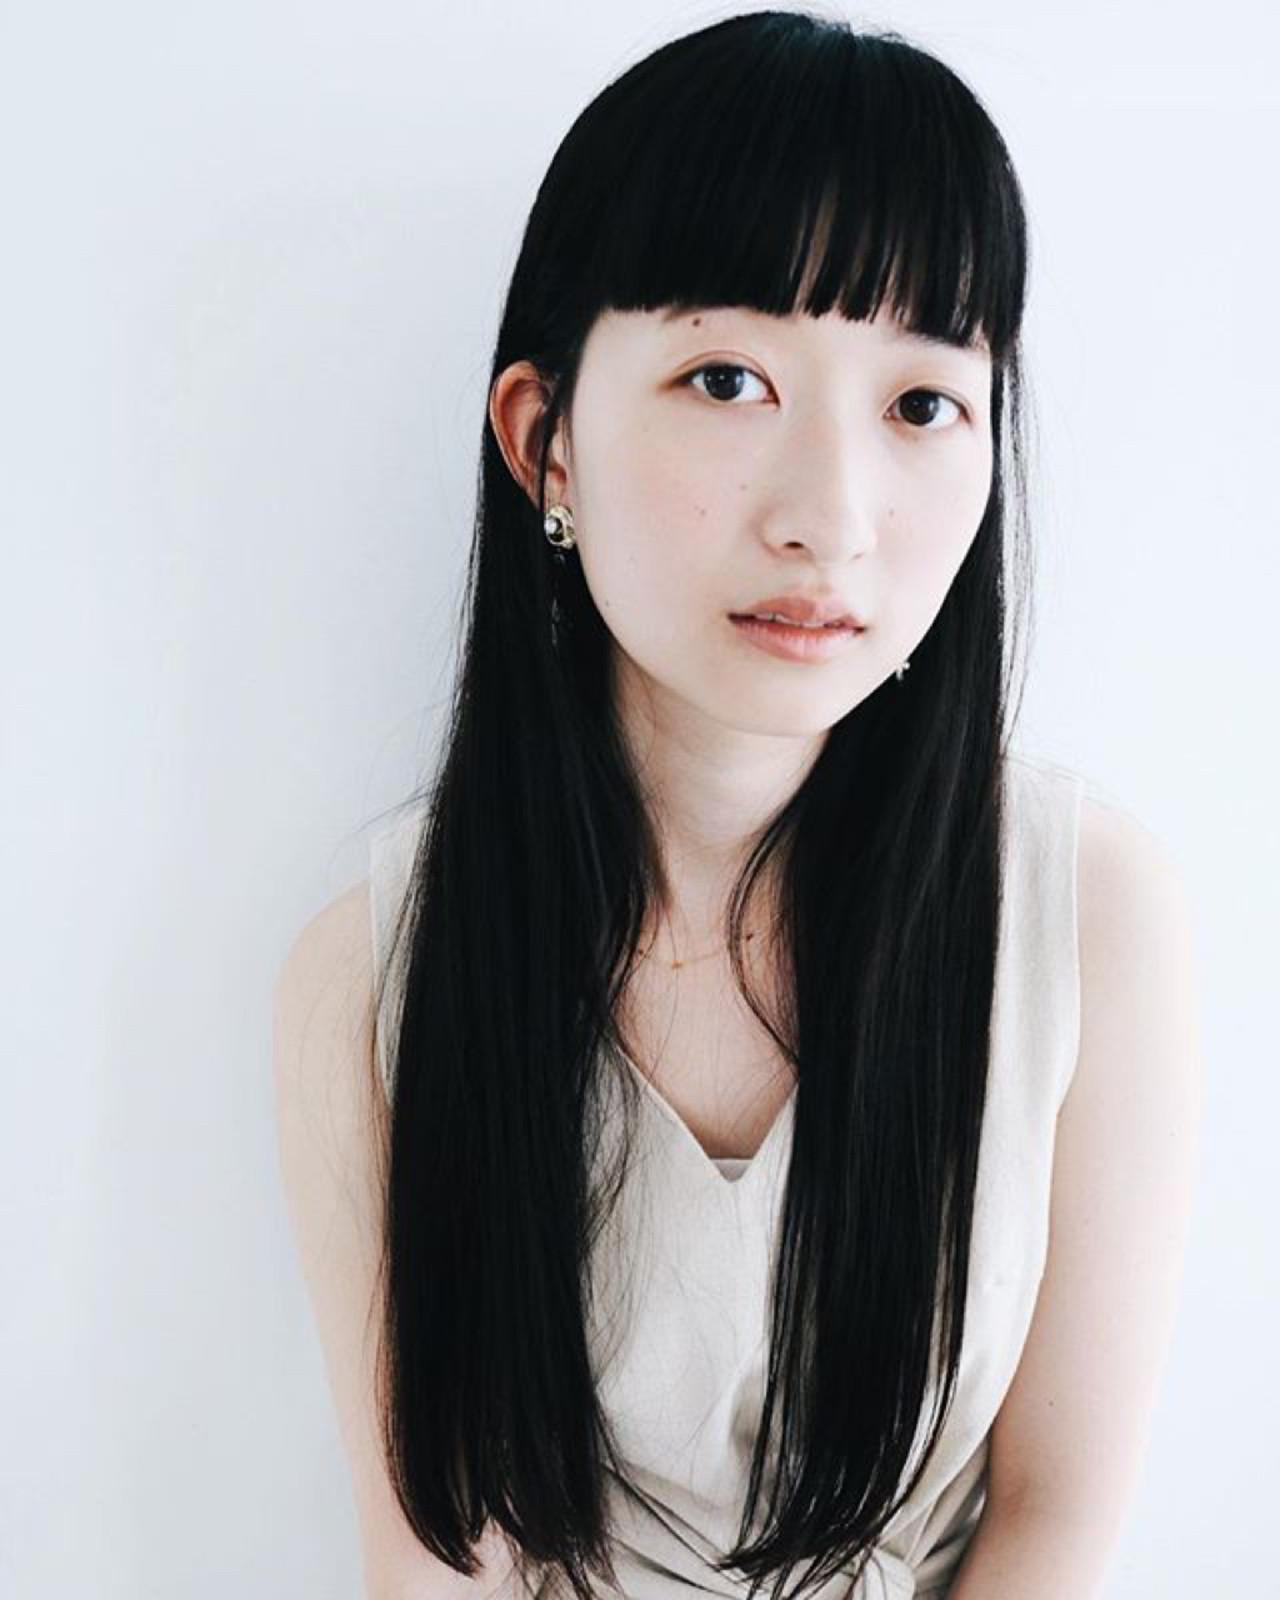 定番♪日本人女性の似合わせ黒髪ロングストレート 丸山悟